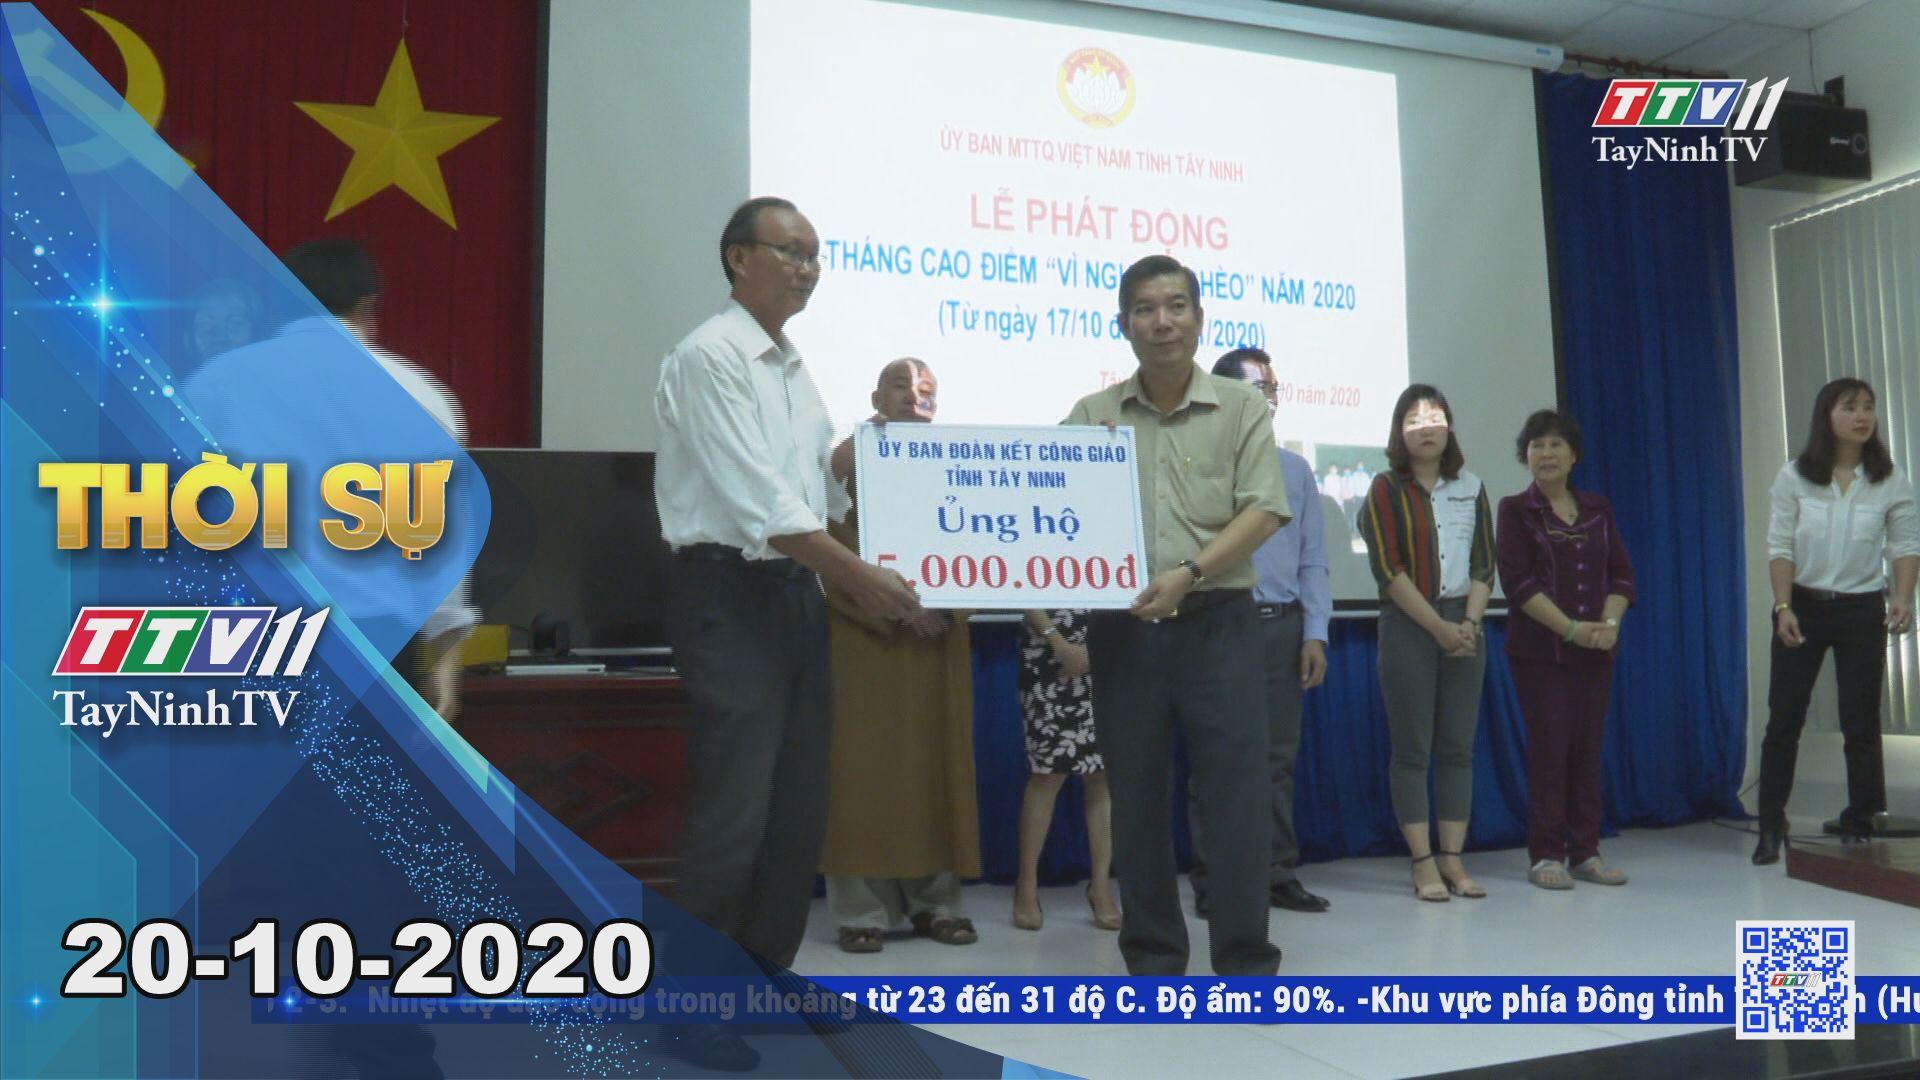 Thời sự Tây Ninh 20-10-2020 | Tin tức hôm nay | TayNinhTV